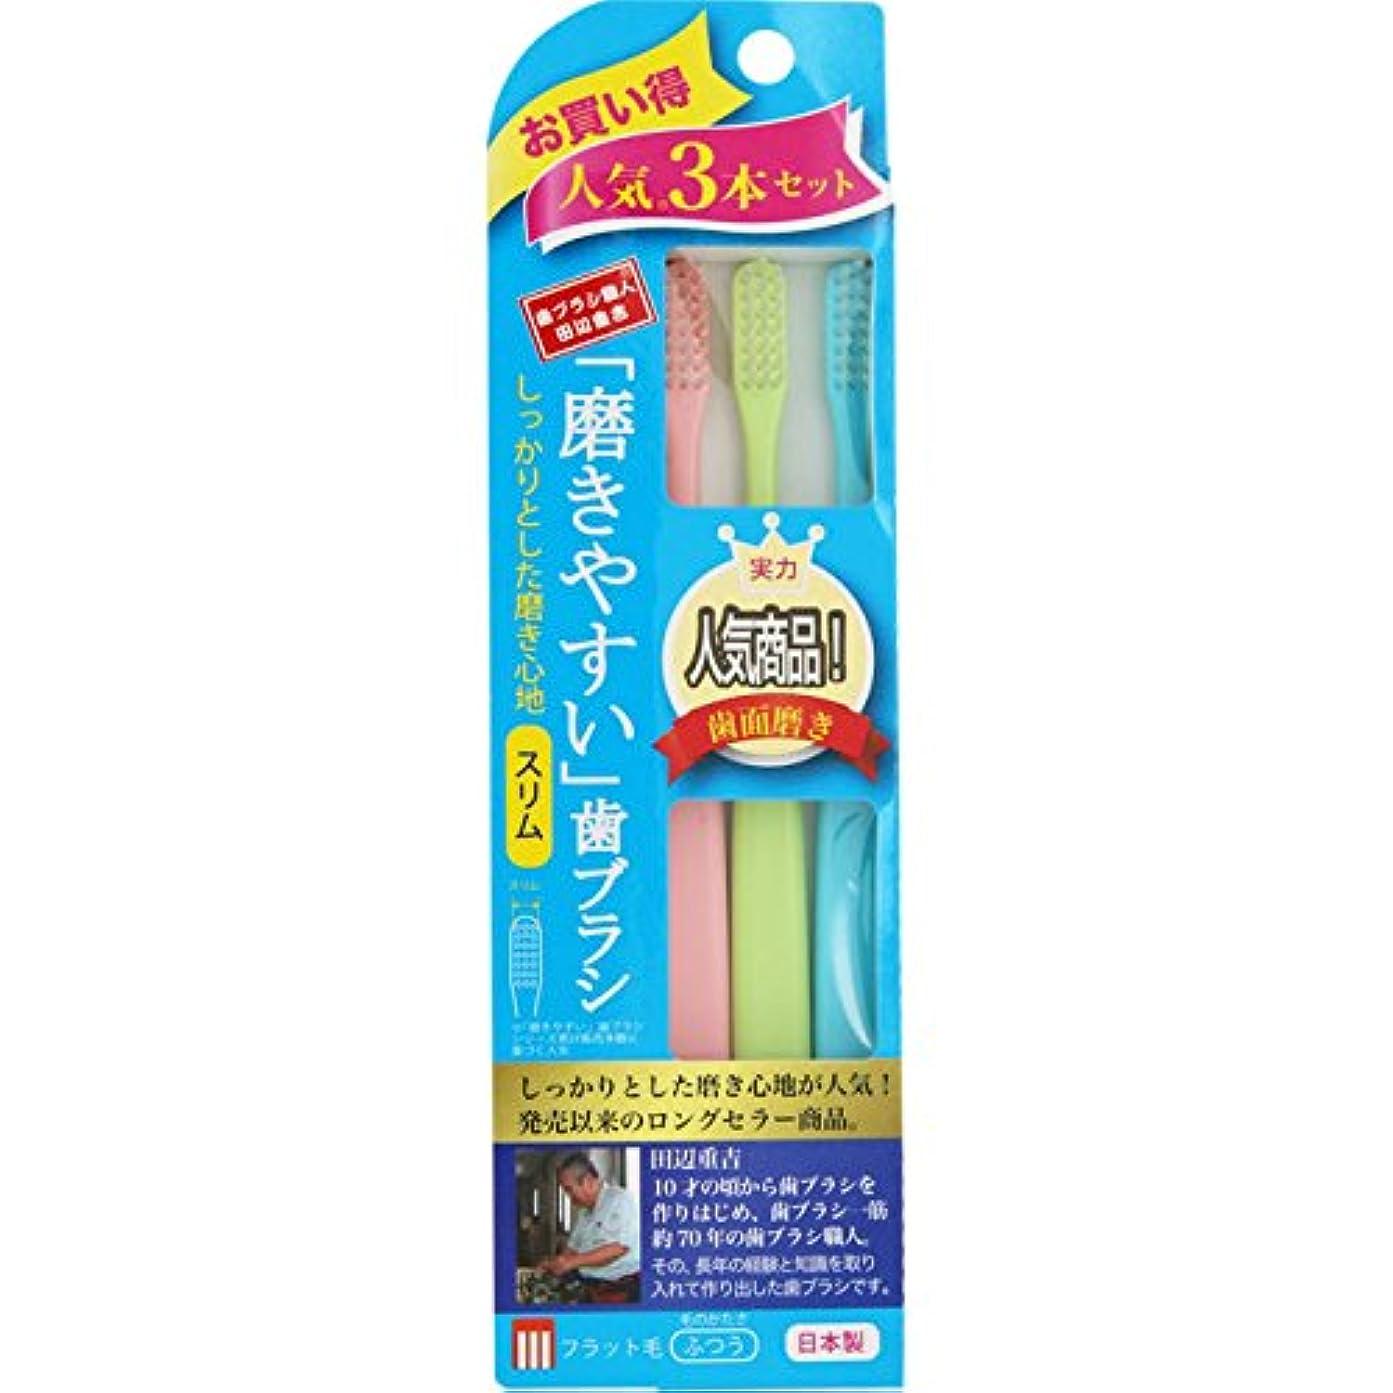 ポスト印象派広く不完全磨きやすい歯ブラシ フラット毛 スリム 3本組